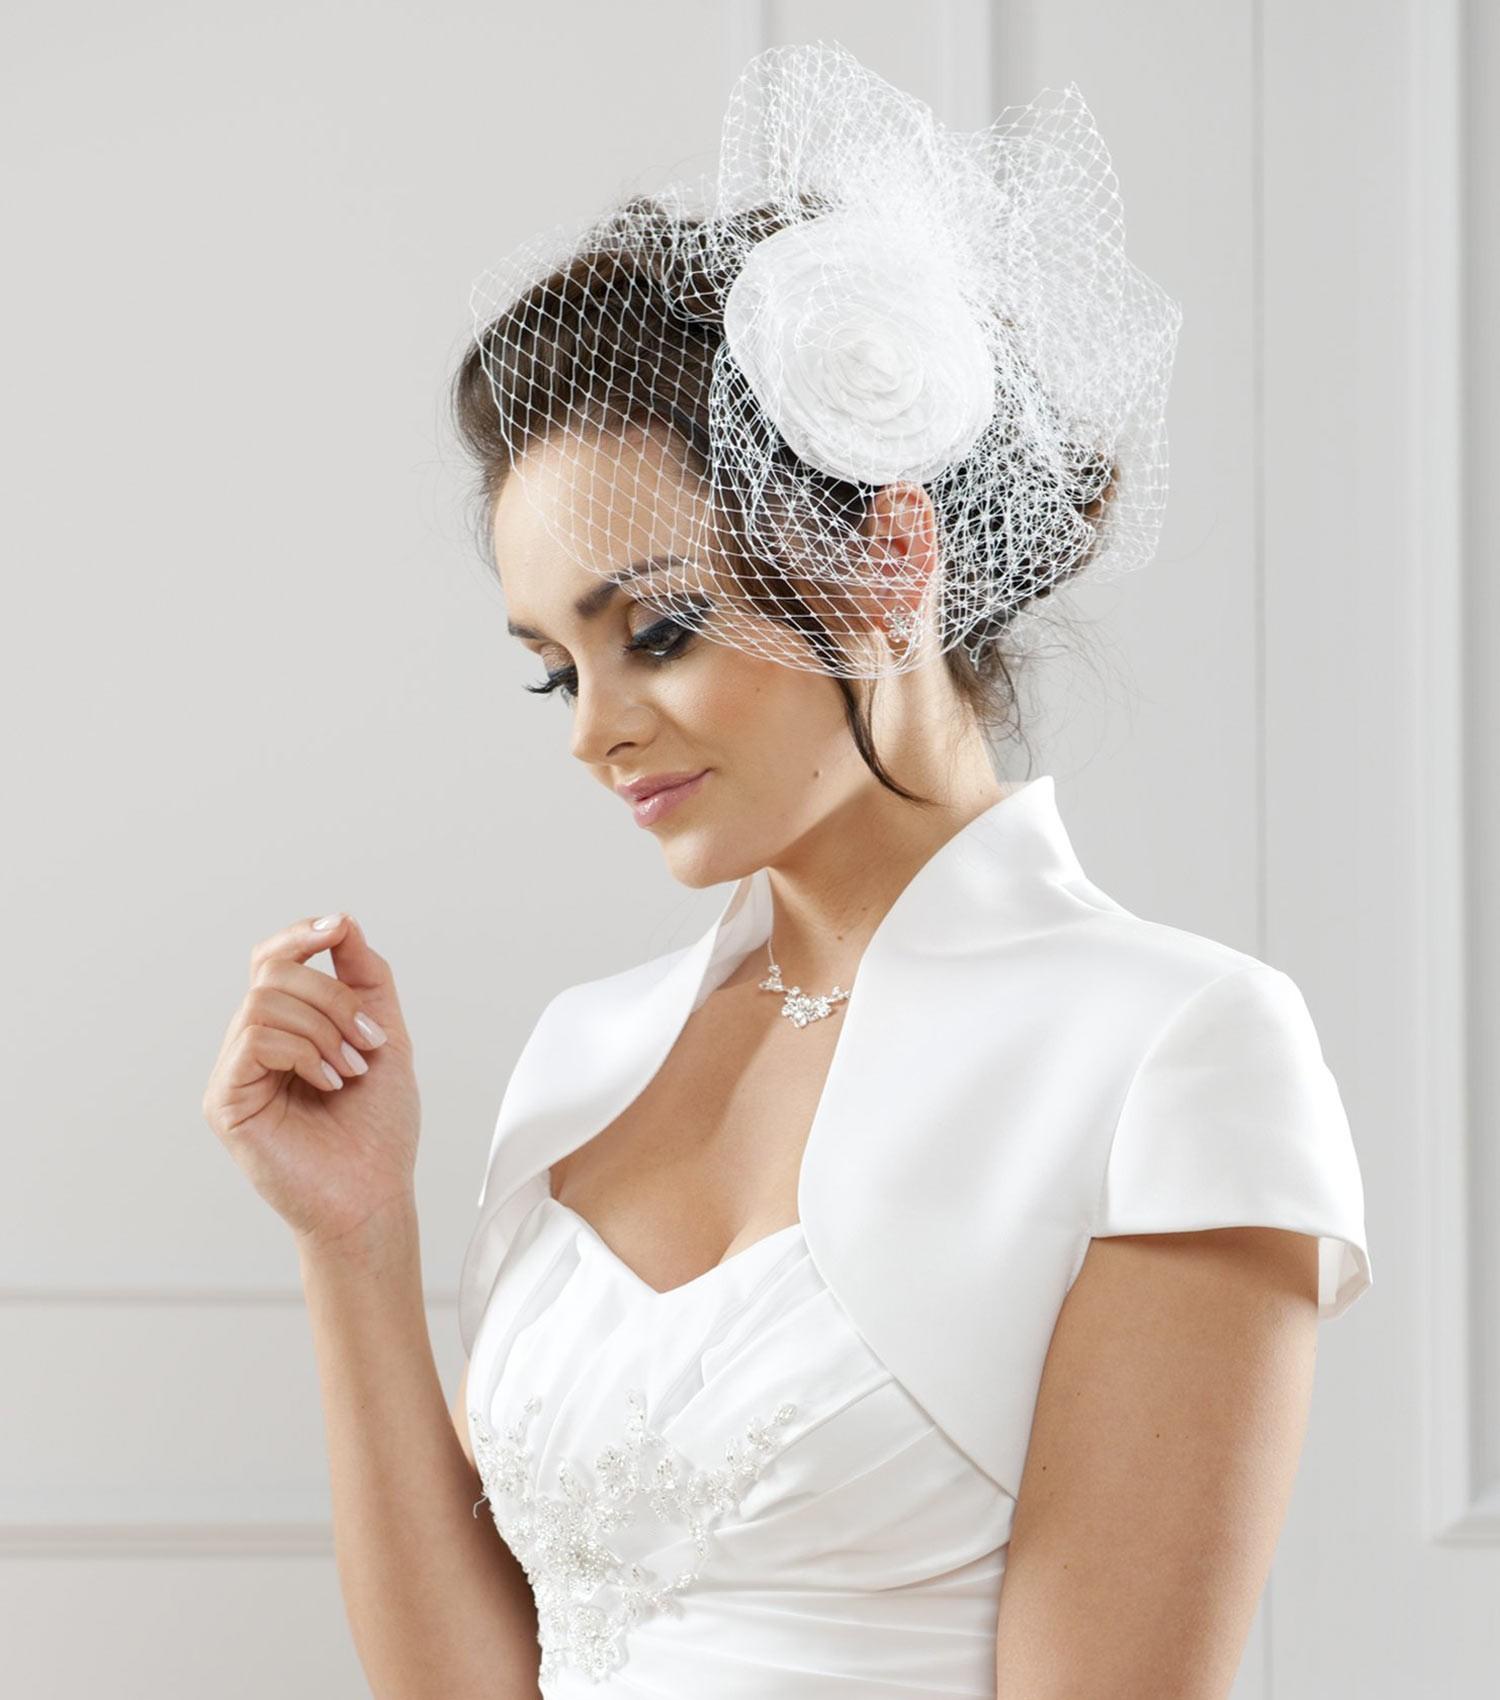 Bolero Rouge Mariage dedans boléro de mariage et étoles, accessoires de la mariée - instant